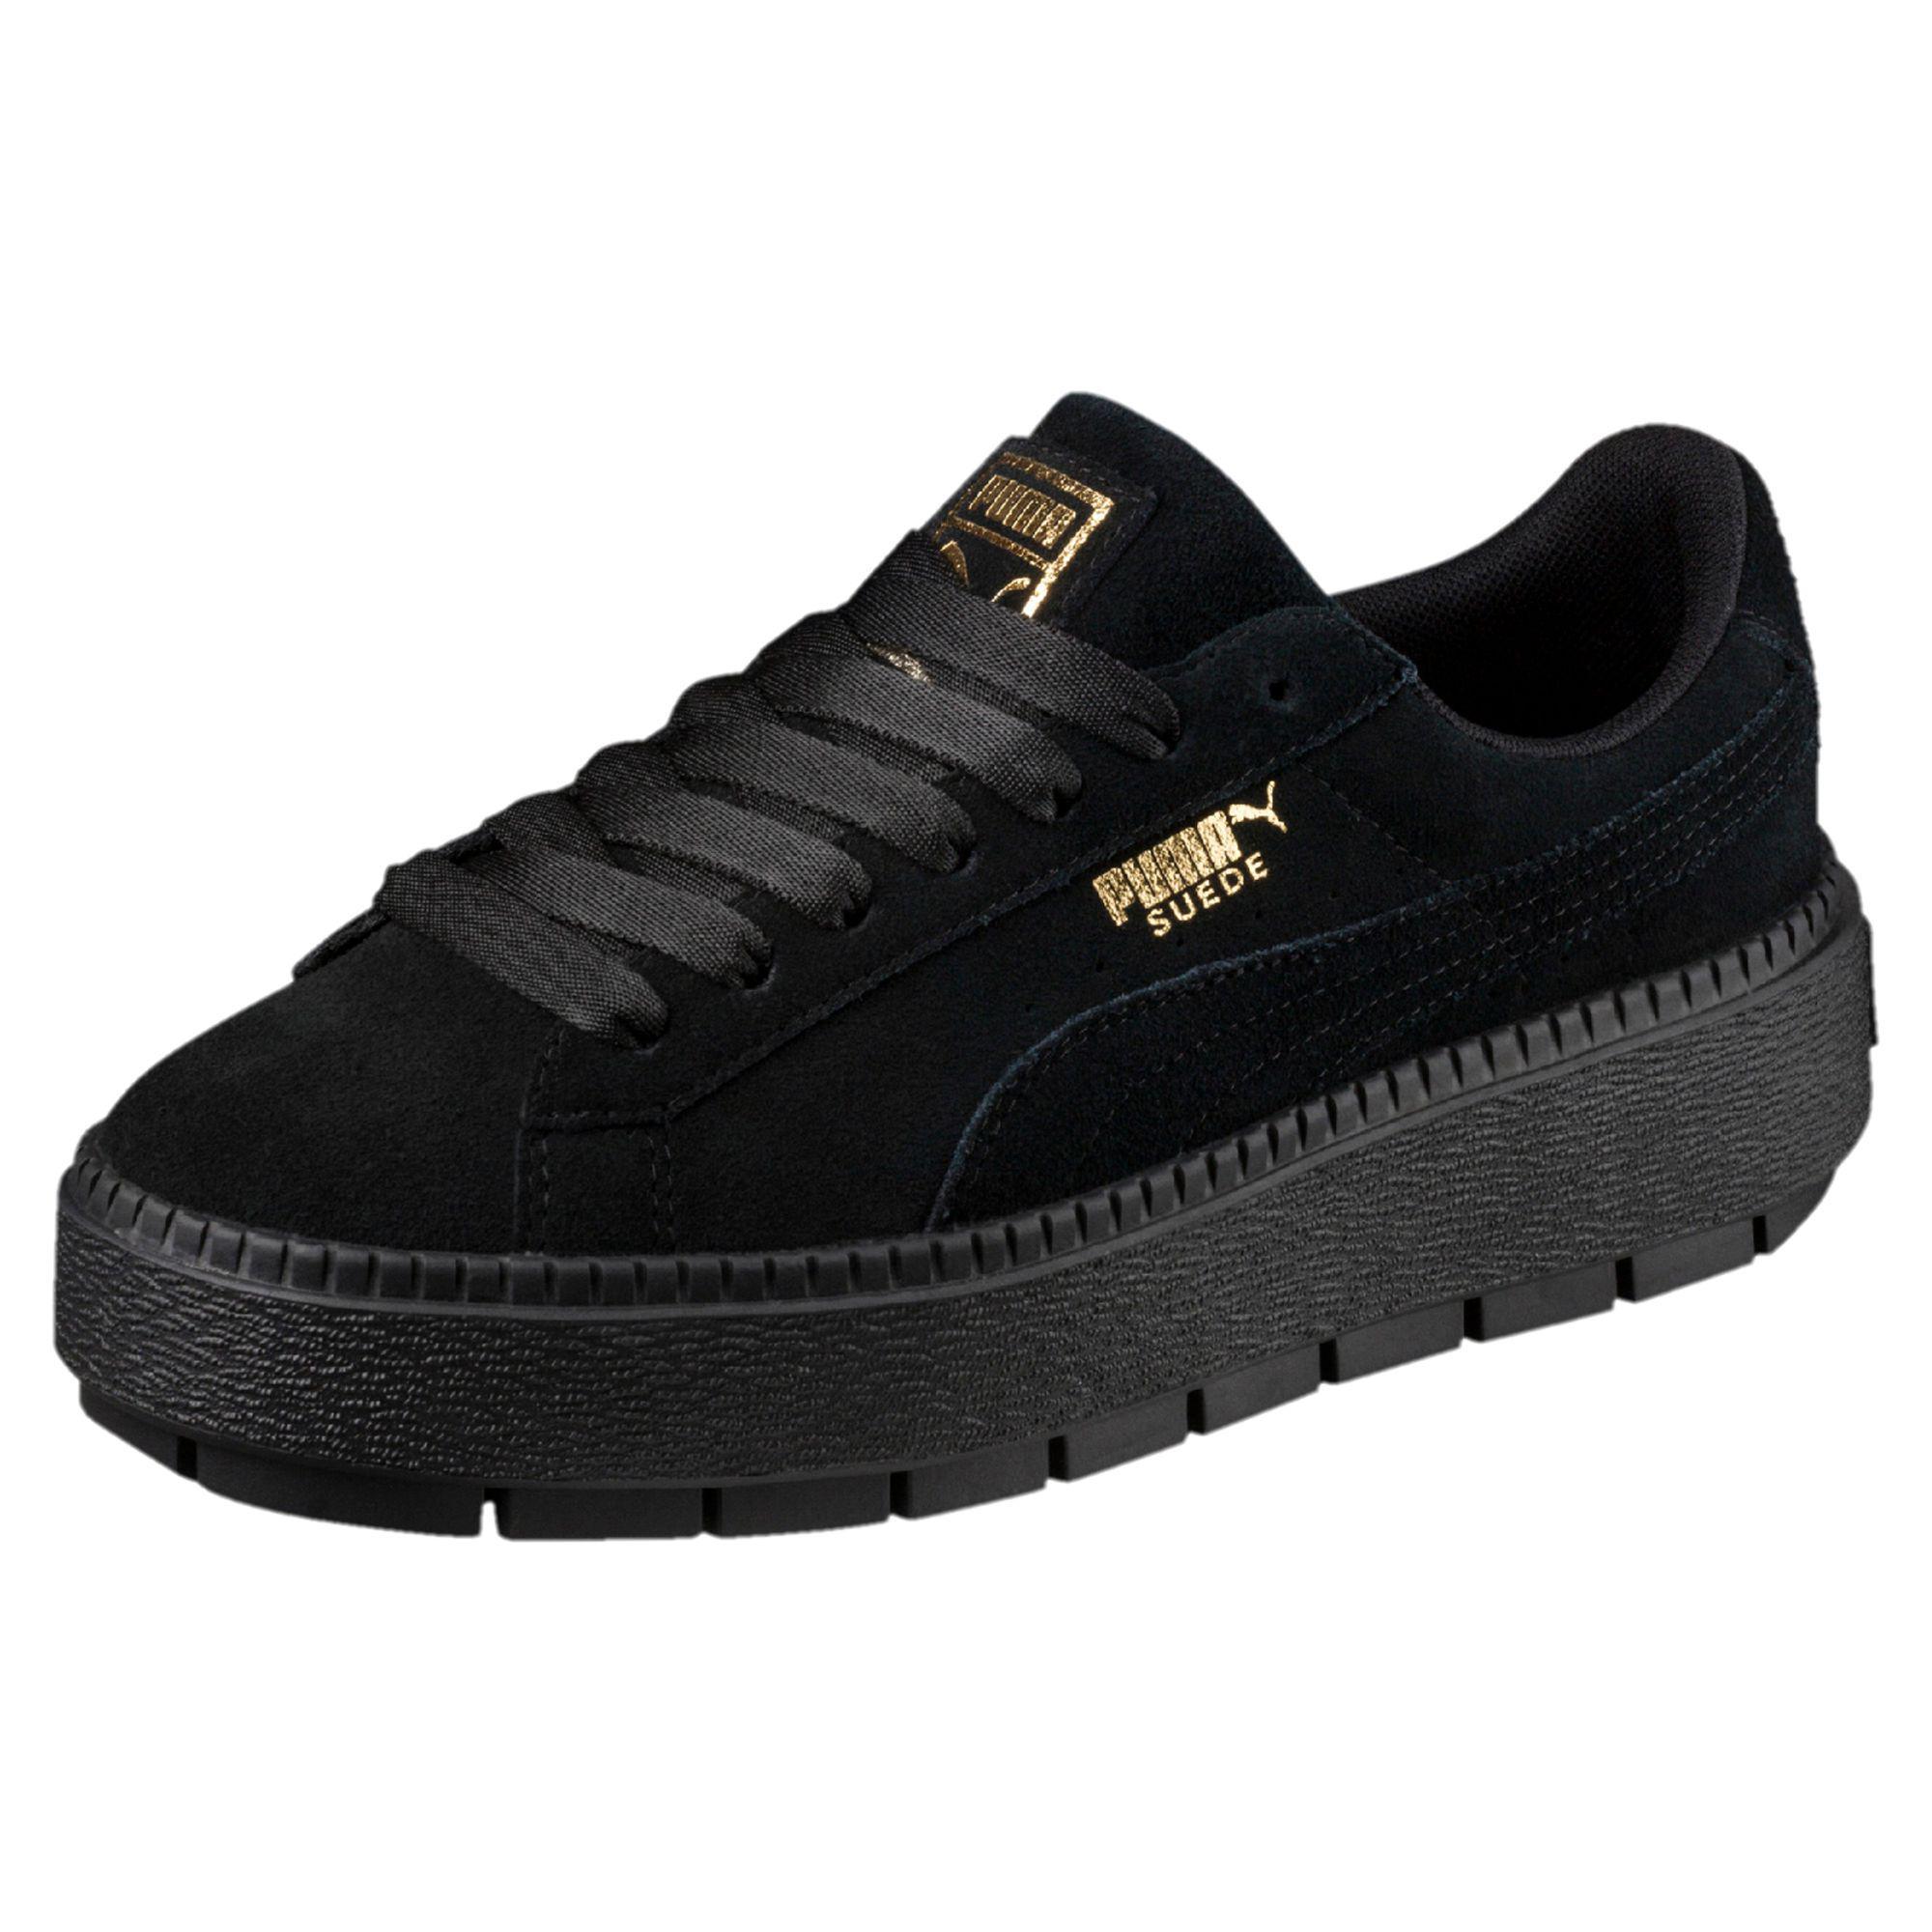 b145b75b2cd1 Lyst - Puma Suede Platform Rugged Shoe Black in Black